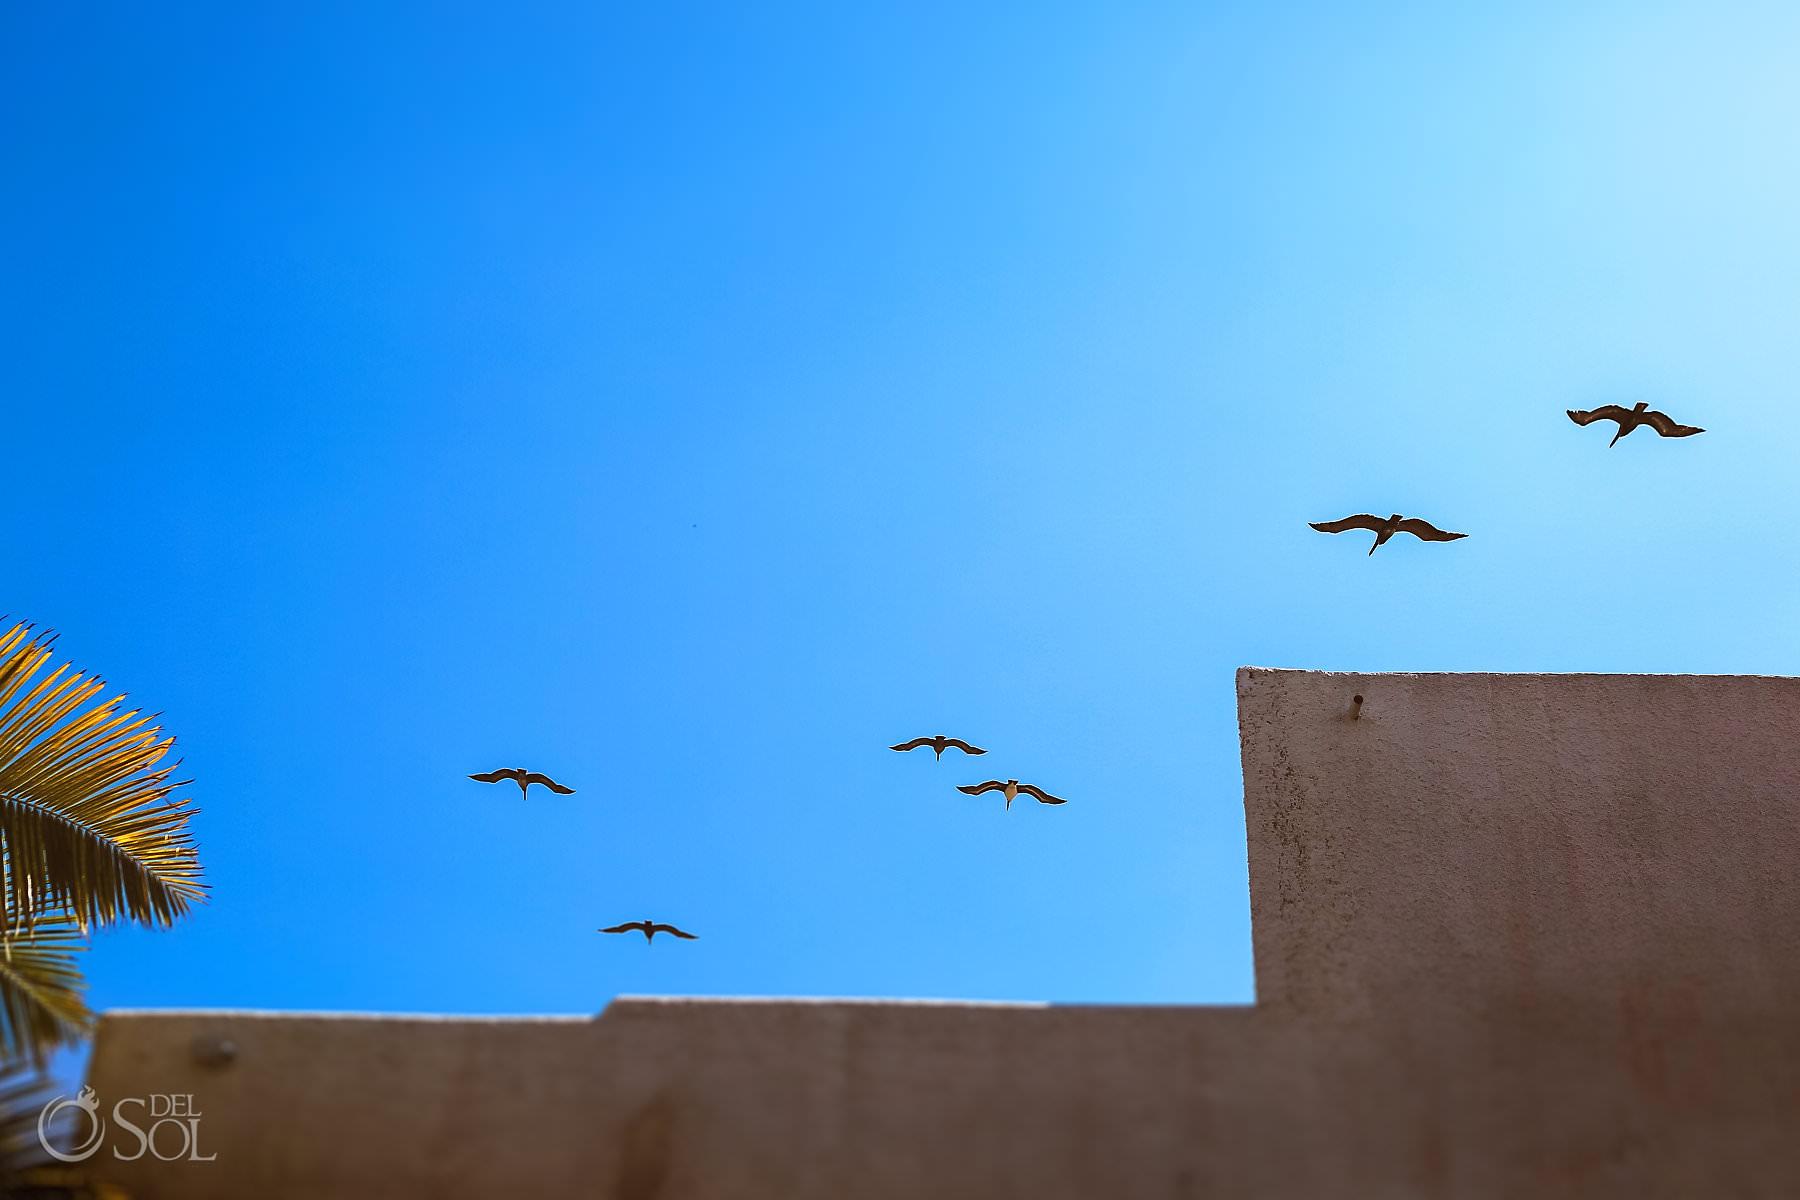 Villa de Valhalla pelicans